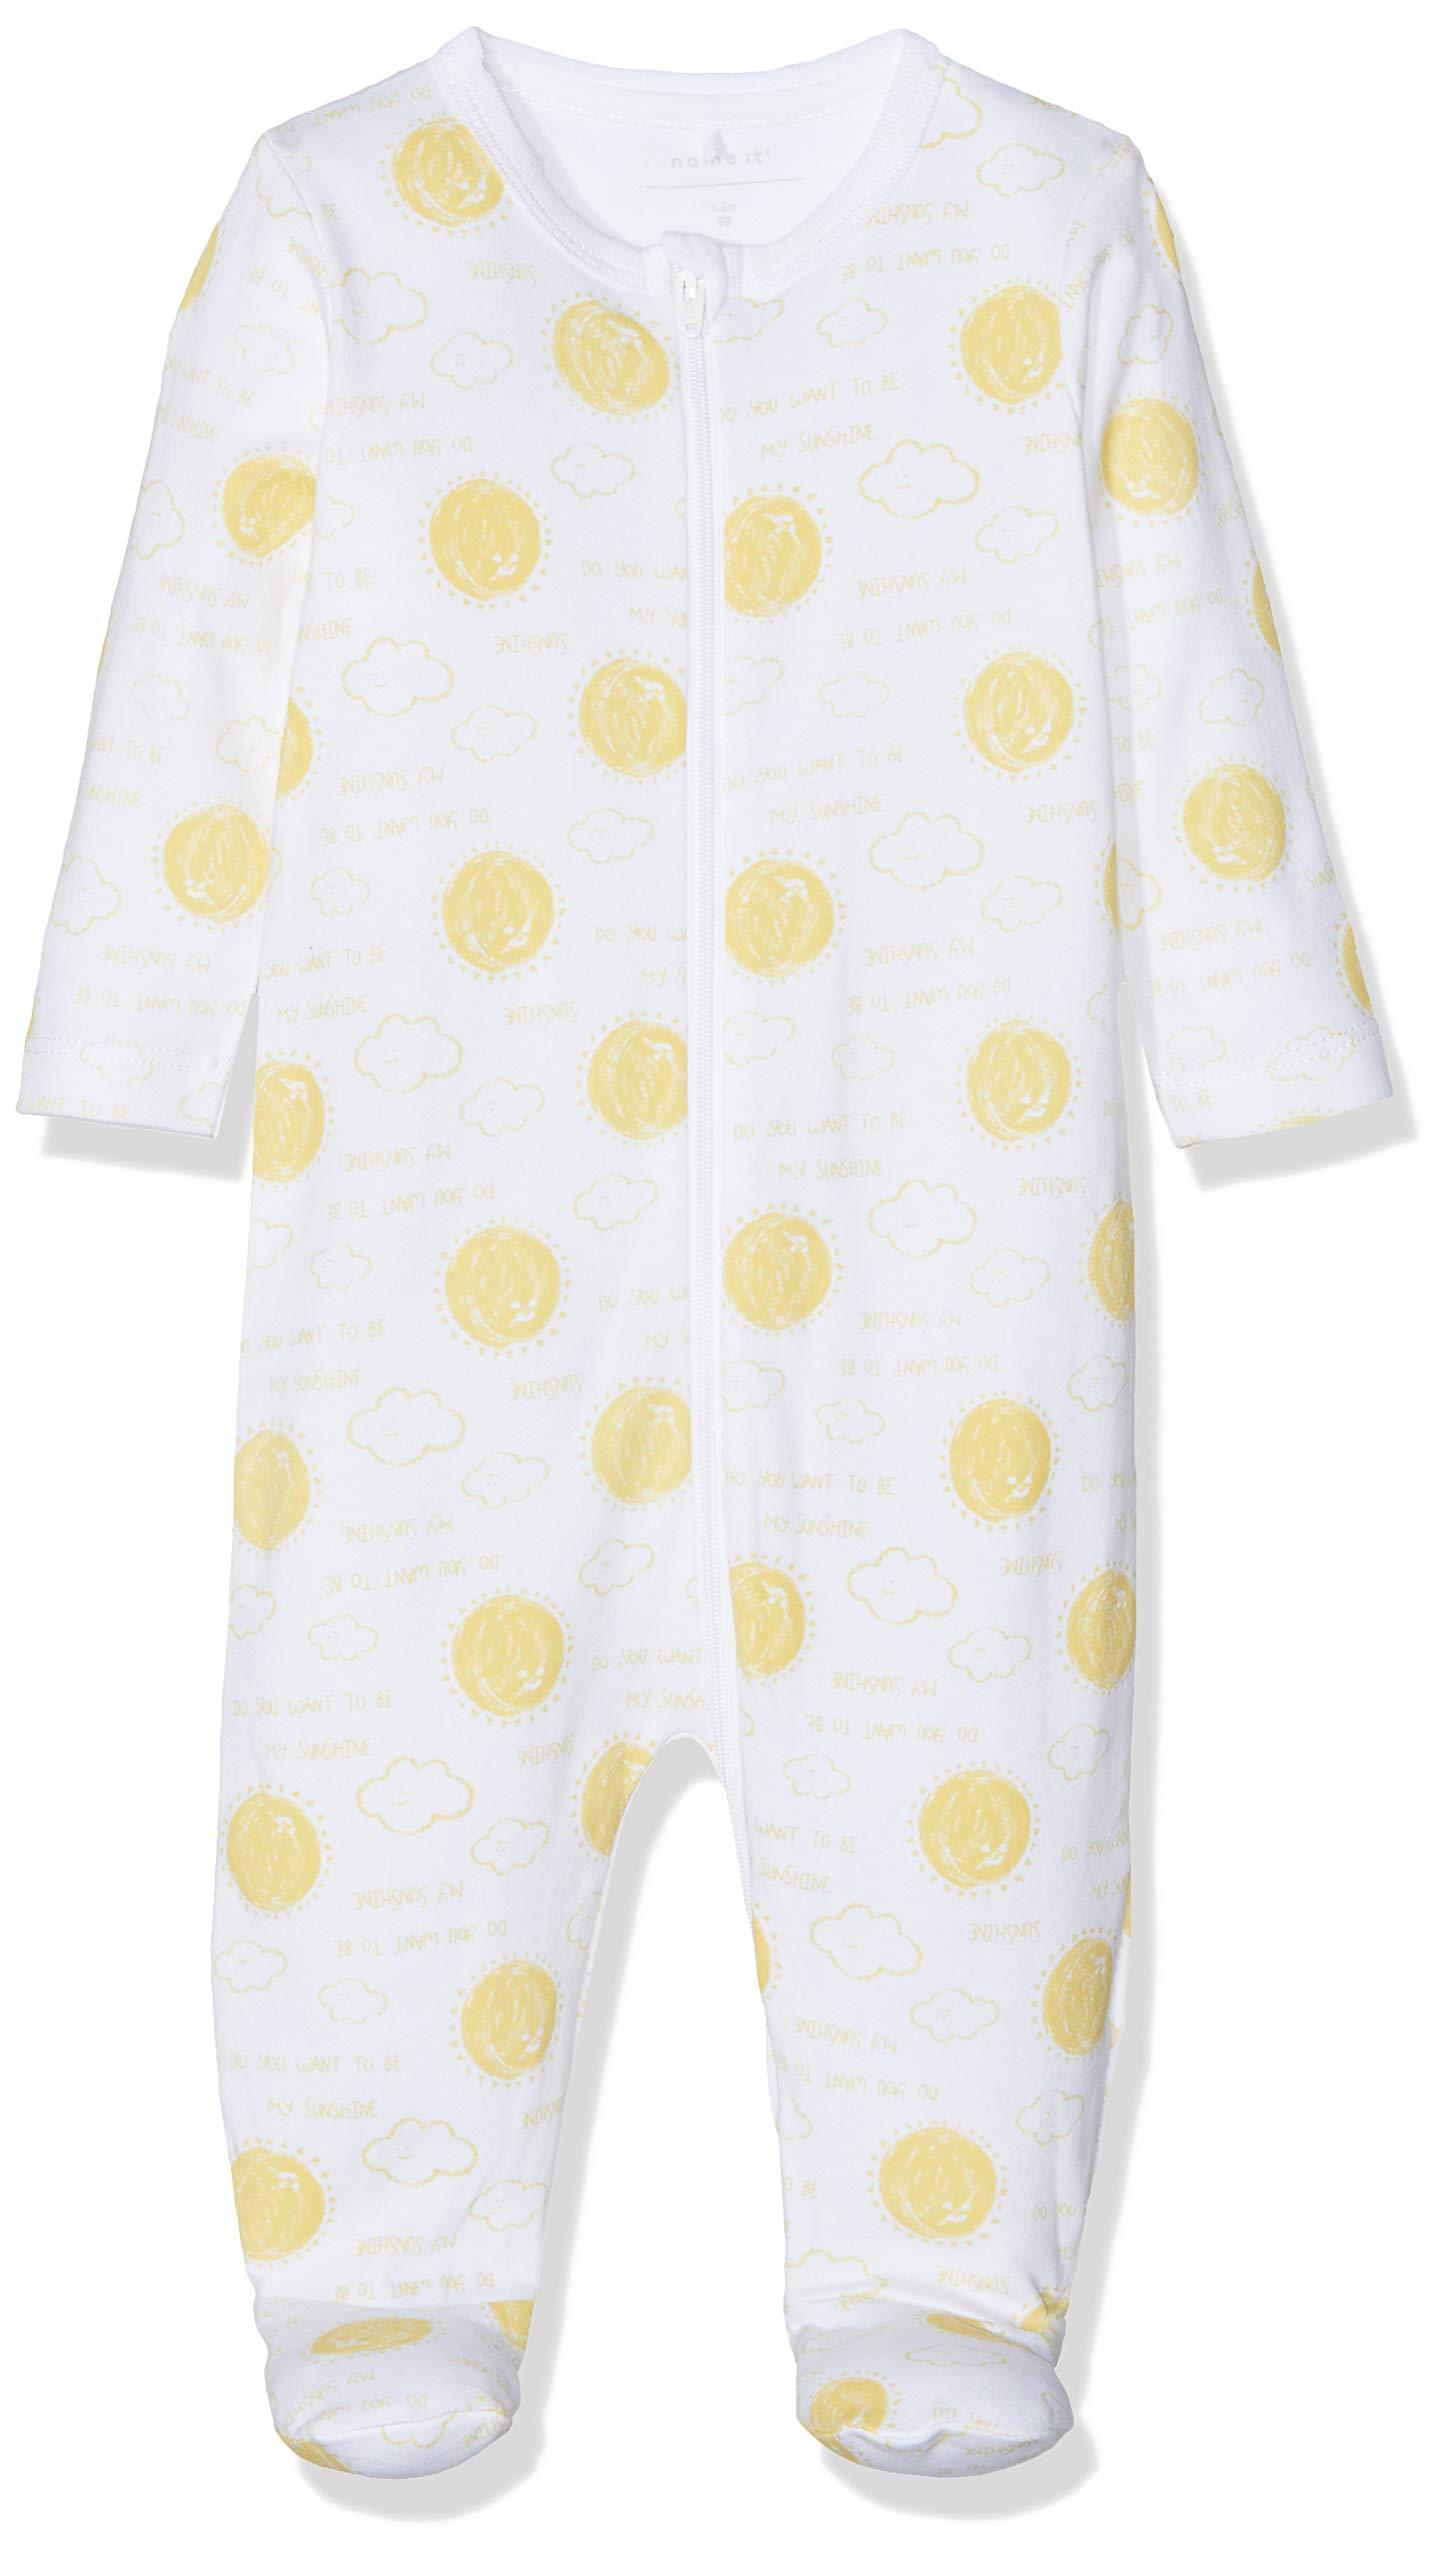 NAME IT Nbnudoha Nightsuit Wzip Pijama para Bebés 1